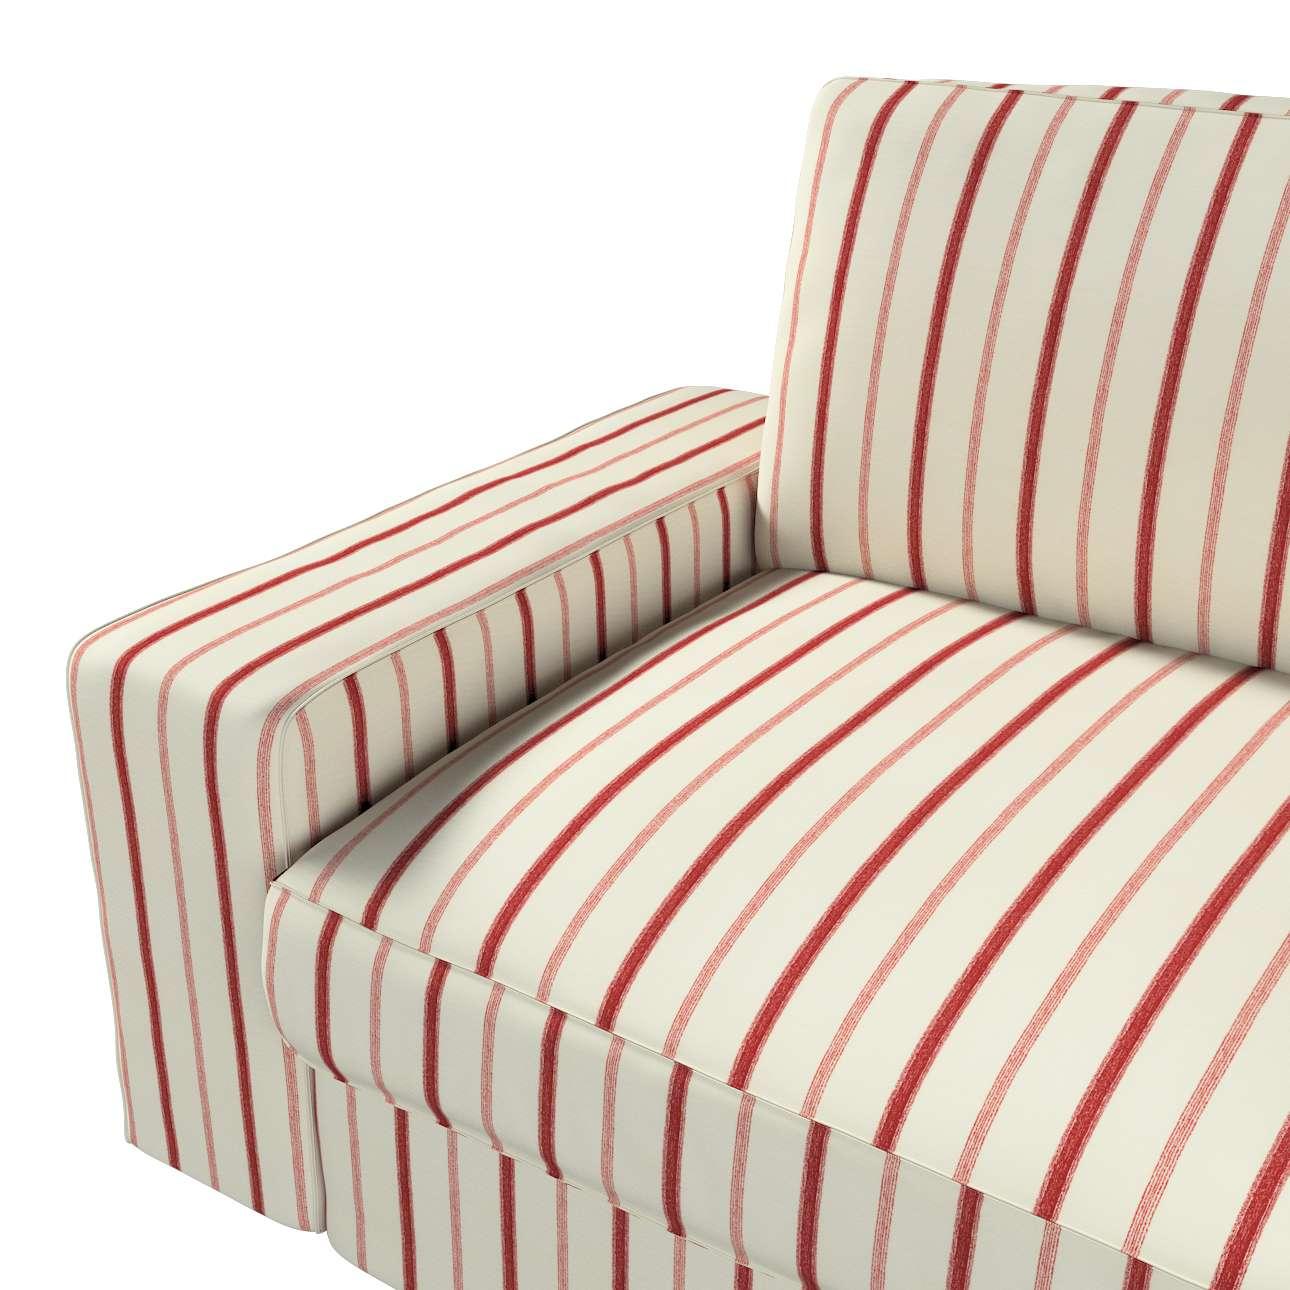 Pokrowiec na sofę Kivik 3-osobową, rozkładaną w kolekcji Avinon, tkanina: 129-15